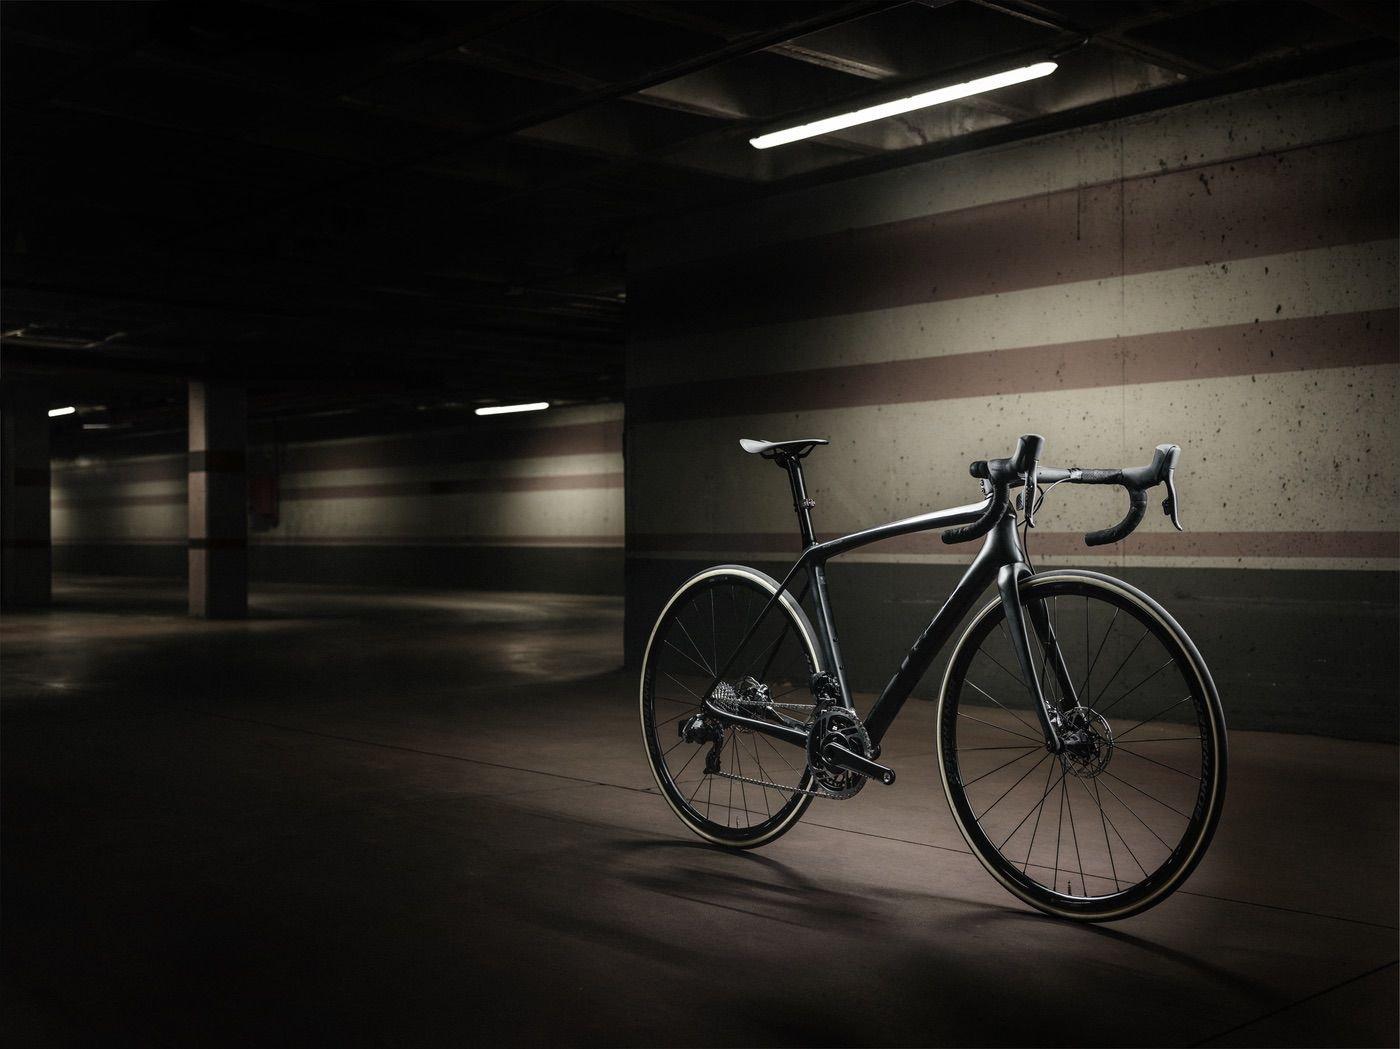 Trek Emonda SLR Project One de Alberto Contador